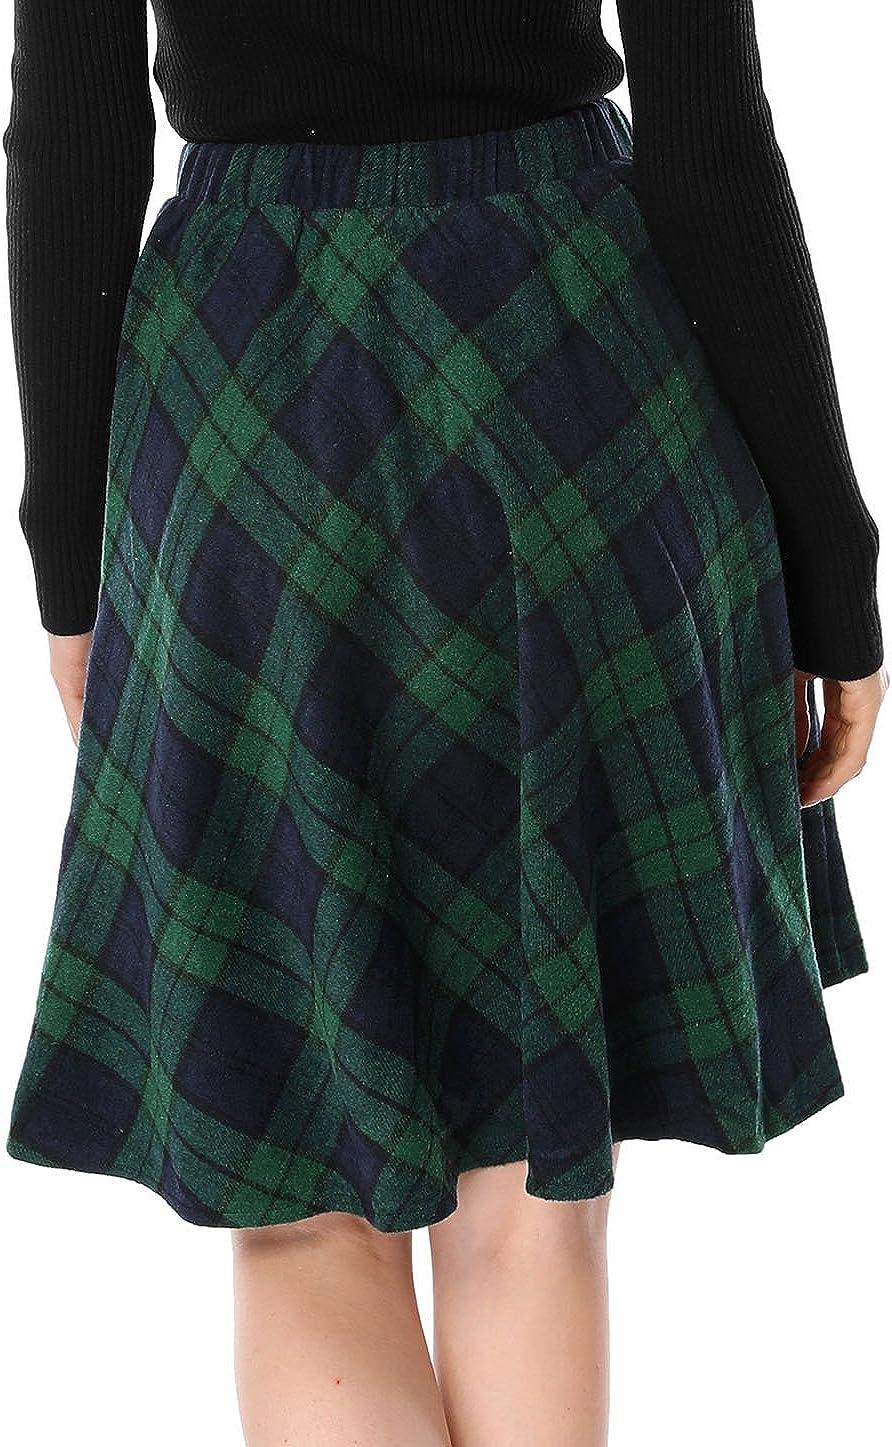 Allegra K Womens Plaids Elastic Waist Knee Length a Line Skirt